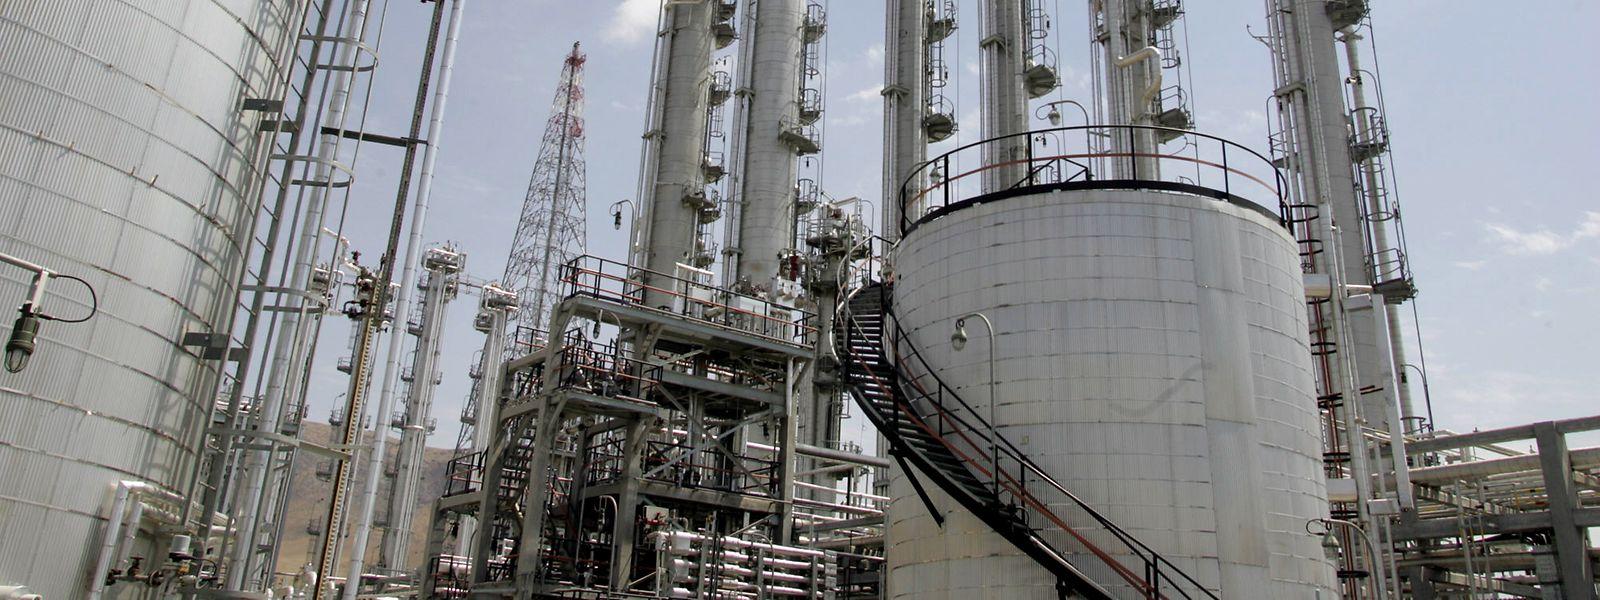 Eine Anlage zur Herstellung von bei der Uranproduktion benötigtem schwerem Wasser in Arak.